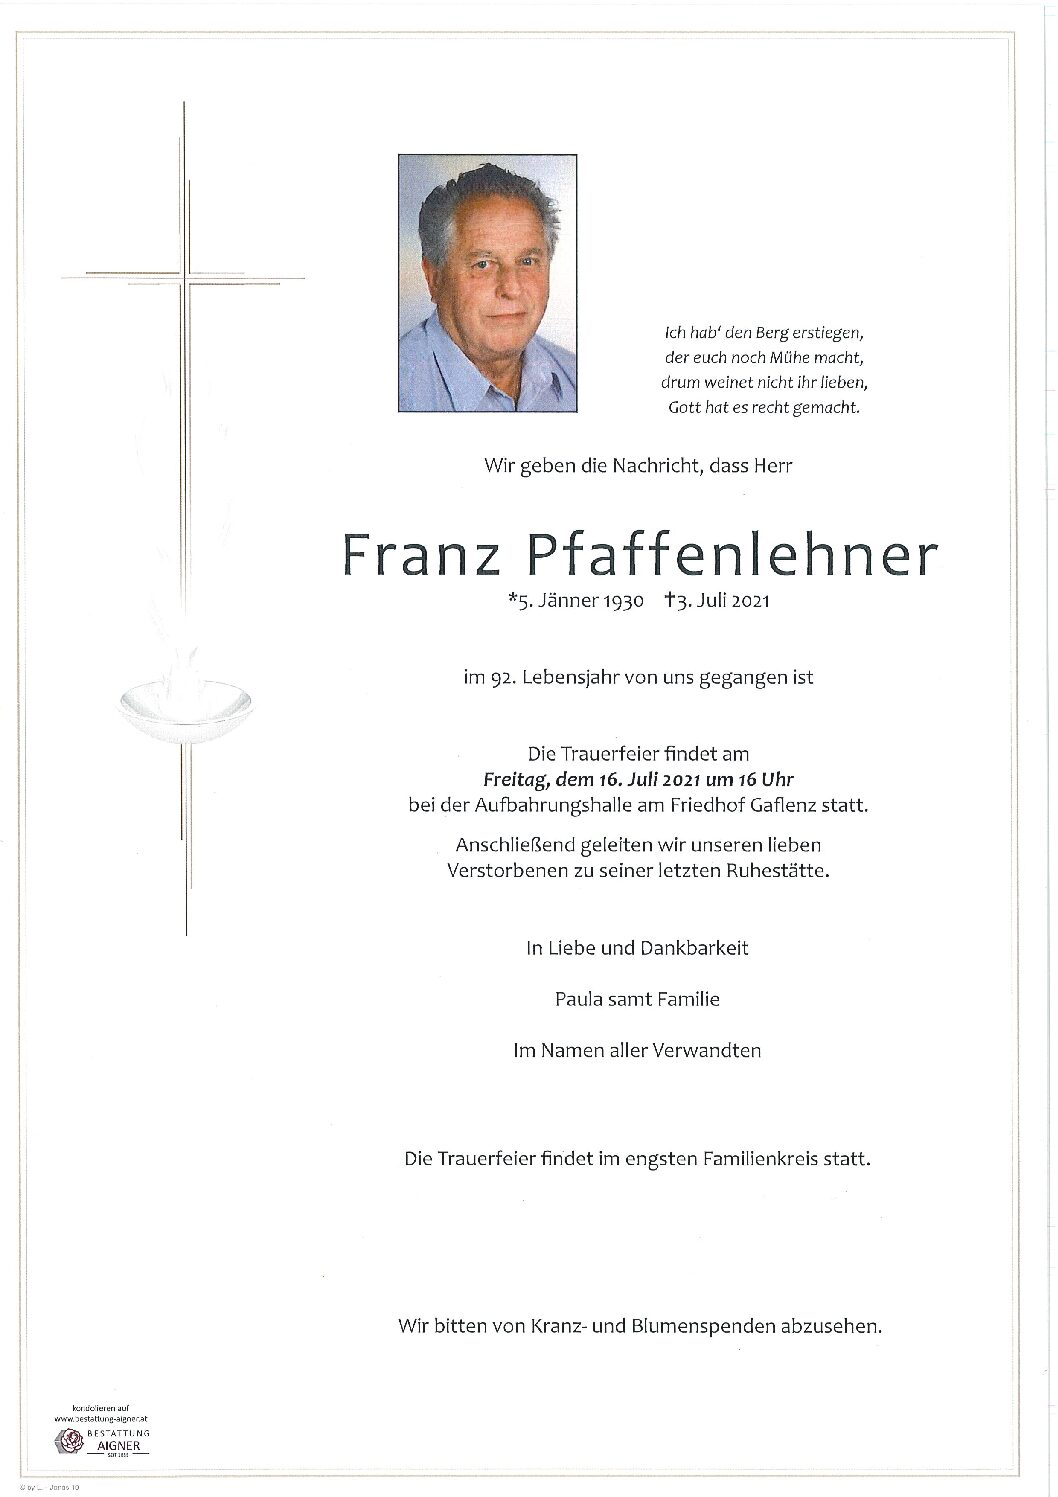 Franz Pfaffenlehner